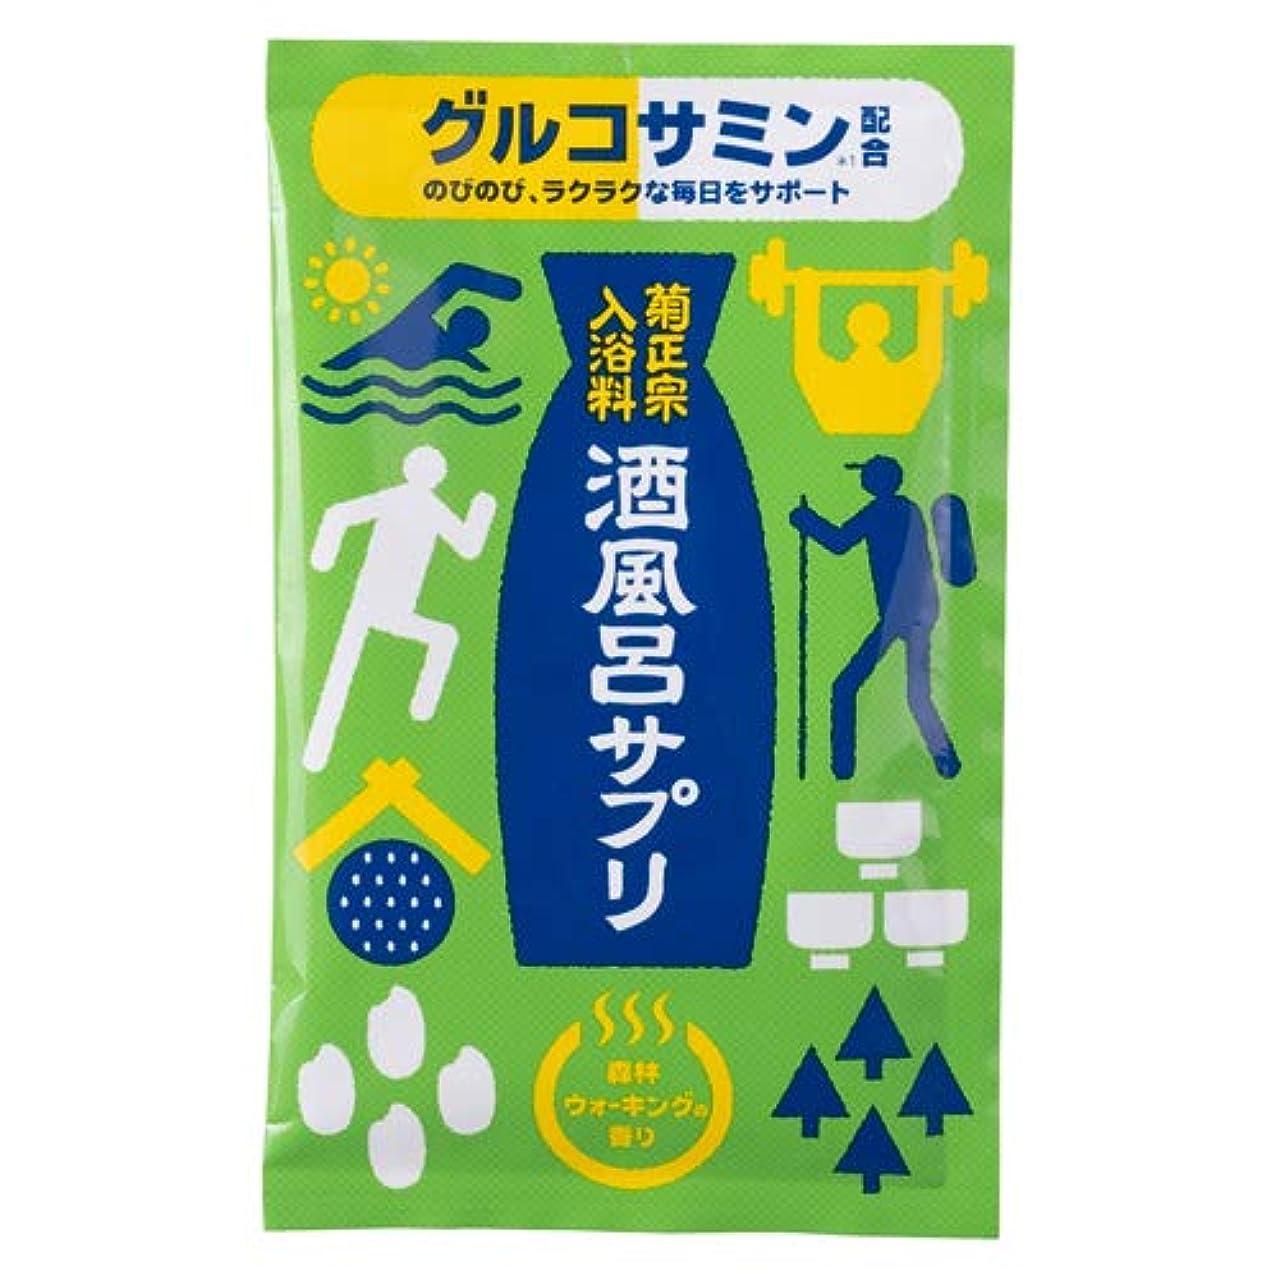 未満ラップ満足菊正宗 入浴料 酒風呂サプリ グルコサミン